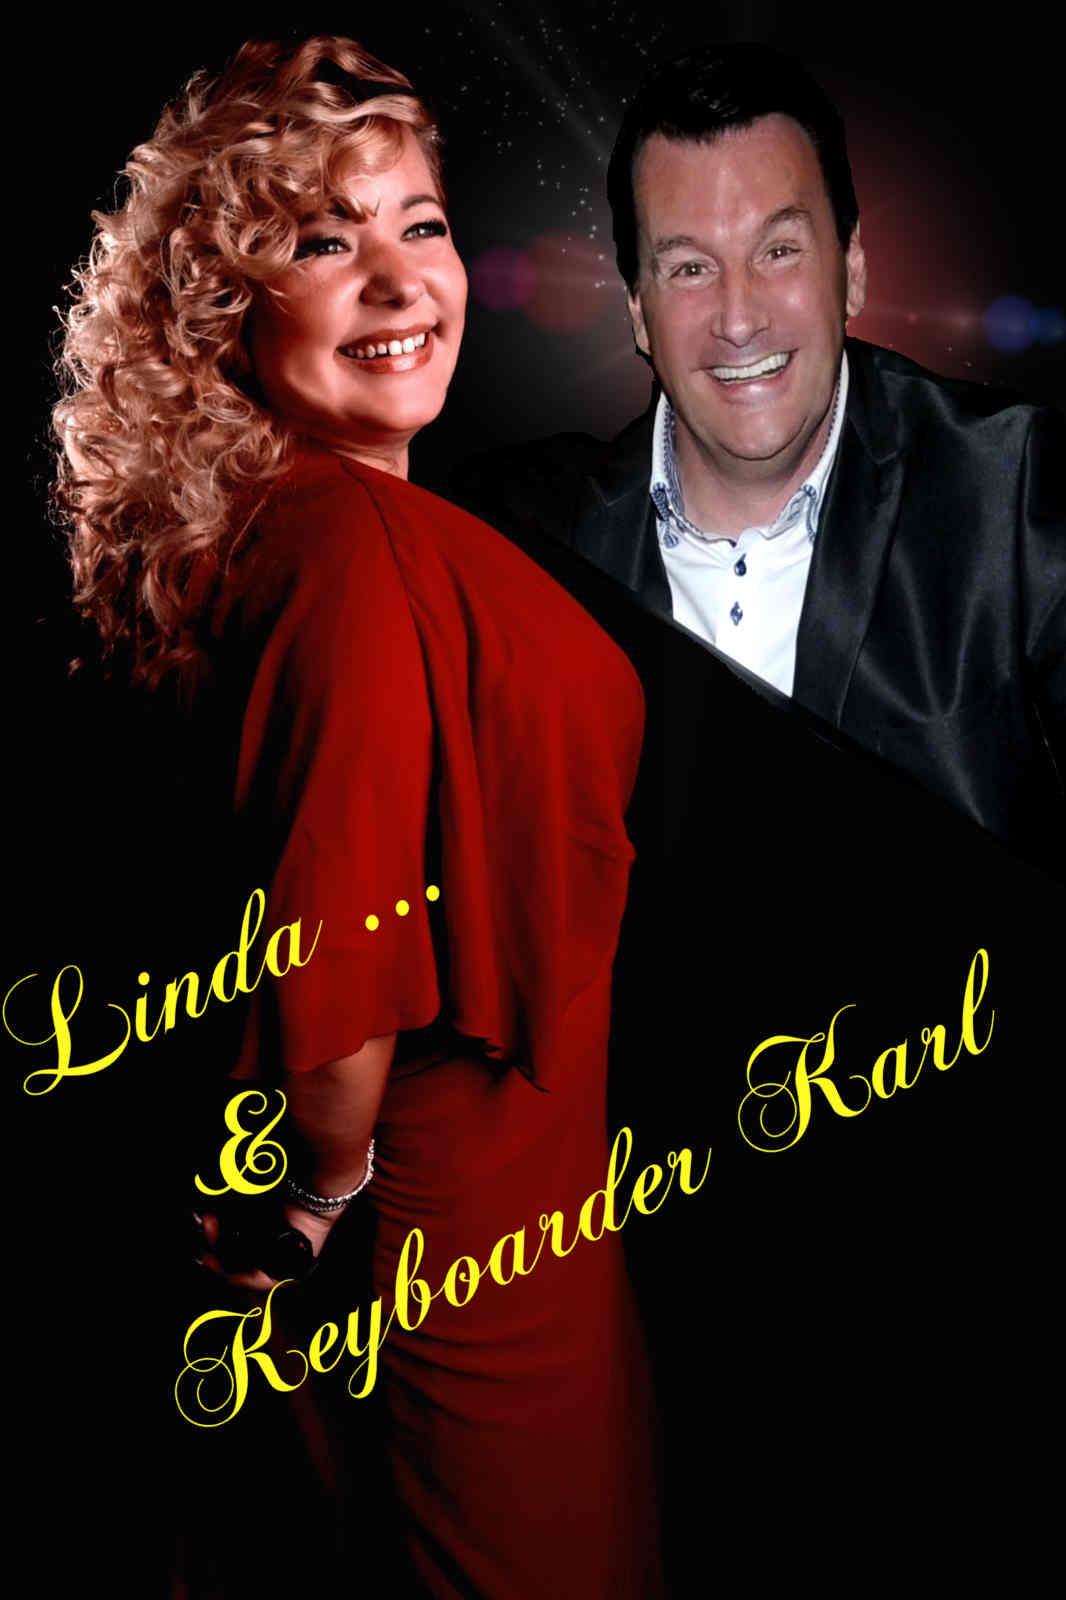 Show Act Sängerin Linda - Spezialisiert auf Kurz Auftritte aller art